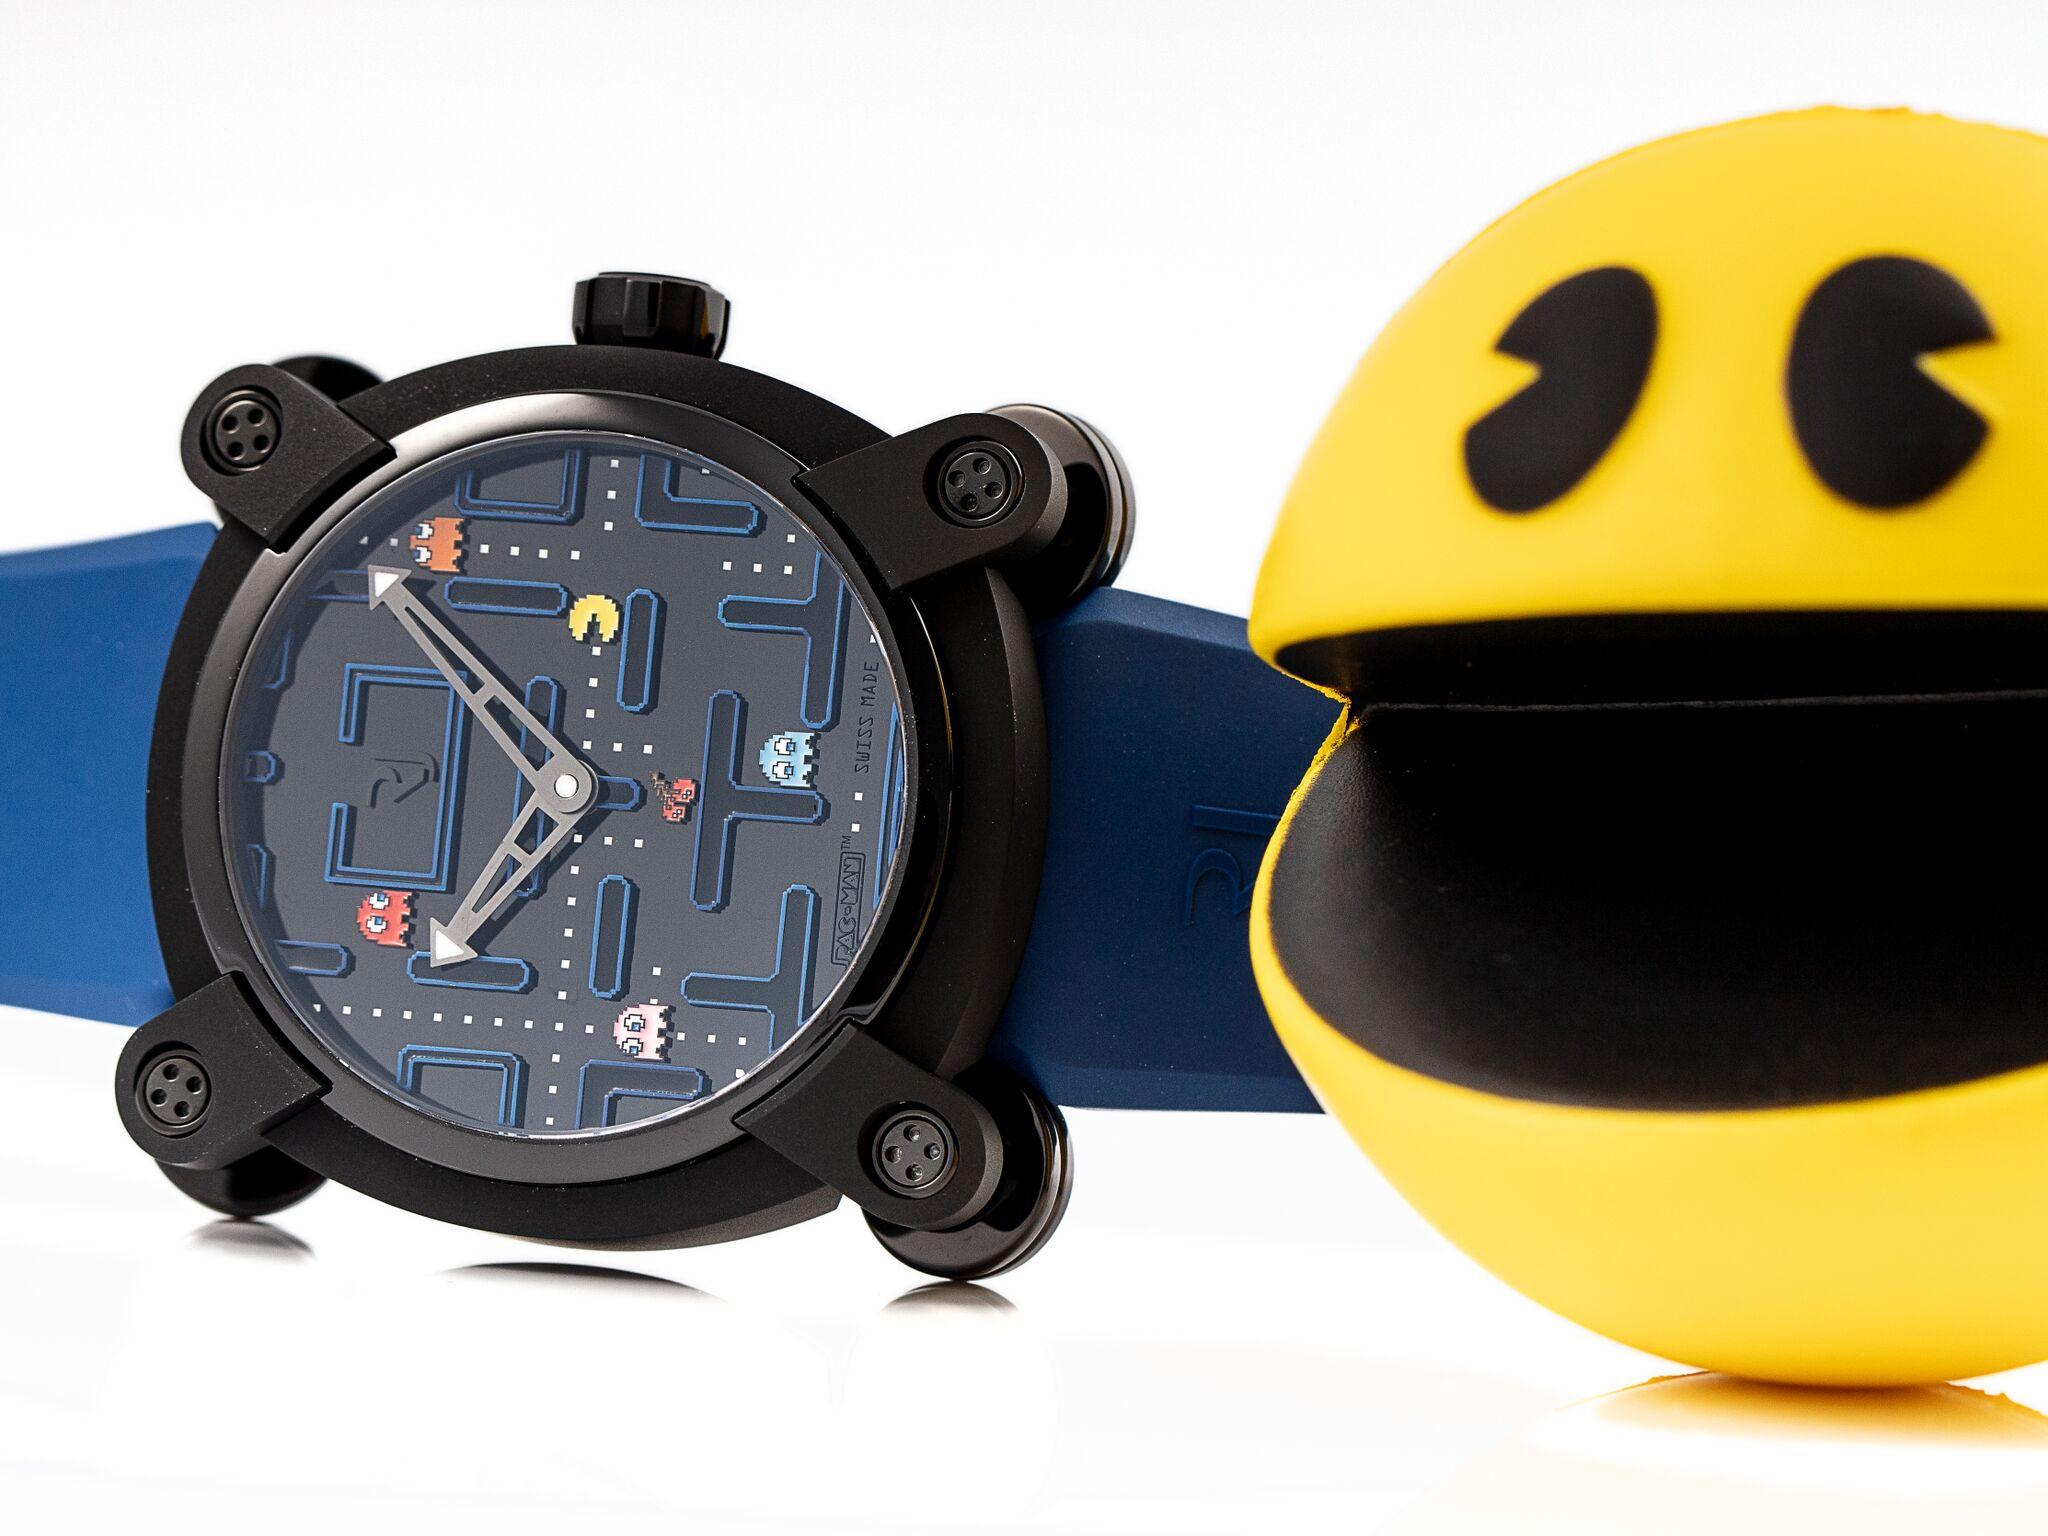 RJ Pac-Man Level III met de echte Pac-Man